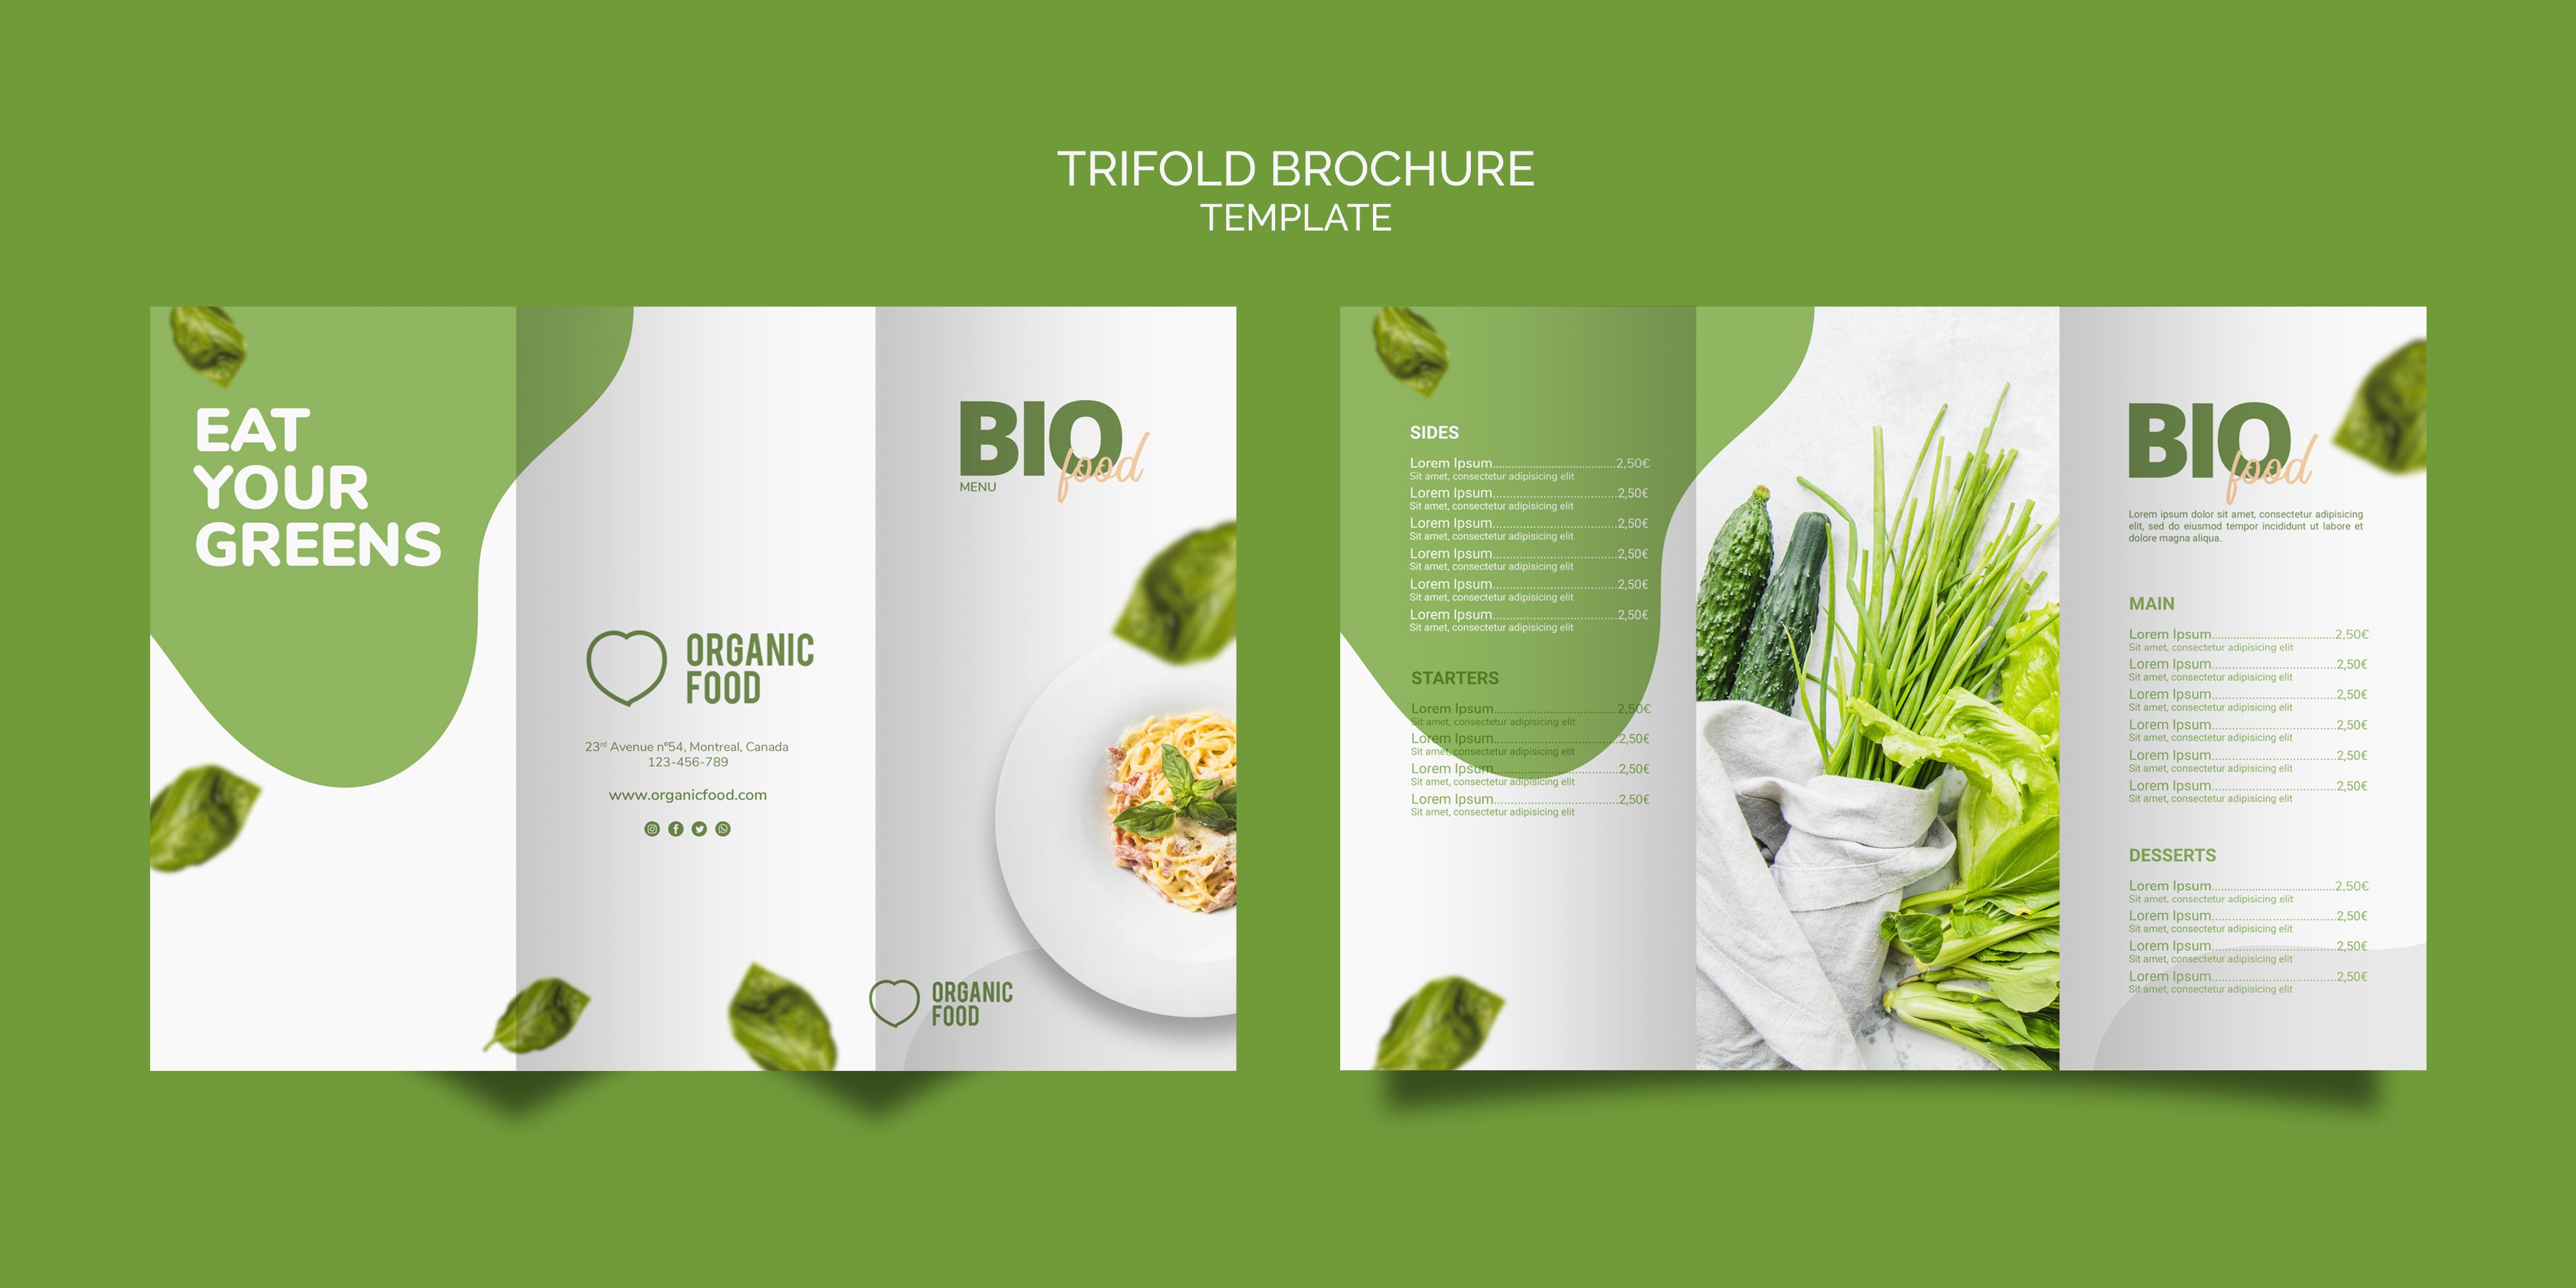 Xác định kích thước – khổ giấy – quy cách brochure ban đầu, thì bạn mới có thể lên nội dung brochure, phác thảo bố cục thiết kế brochure